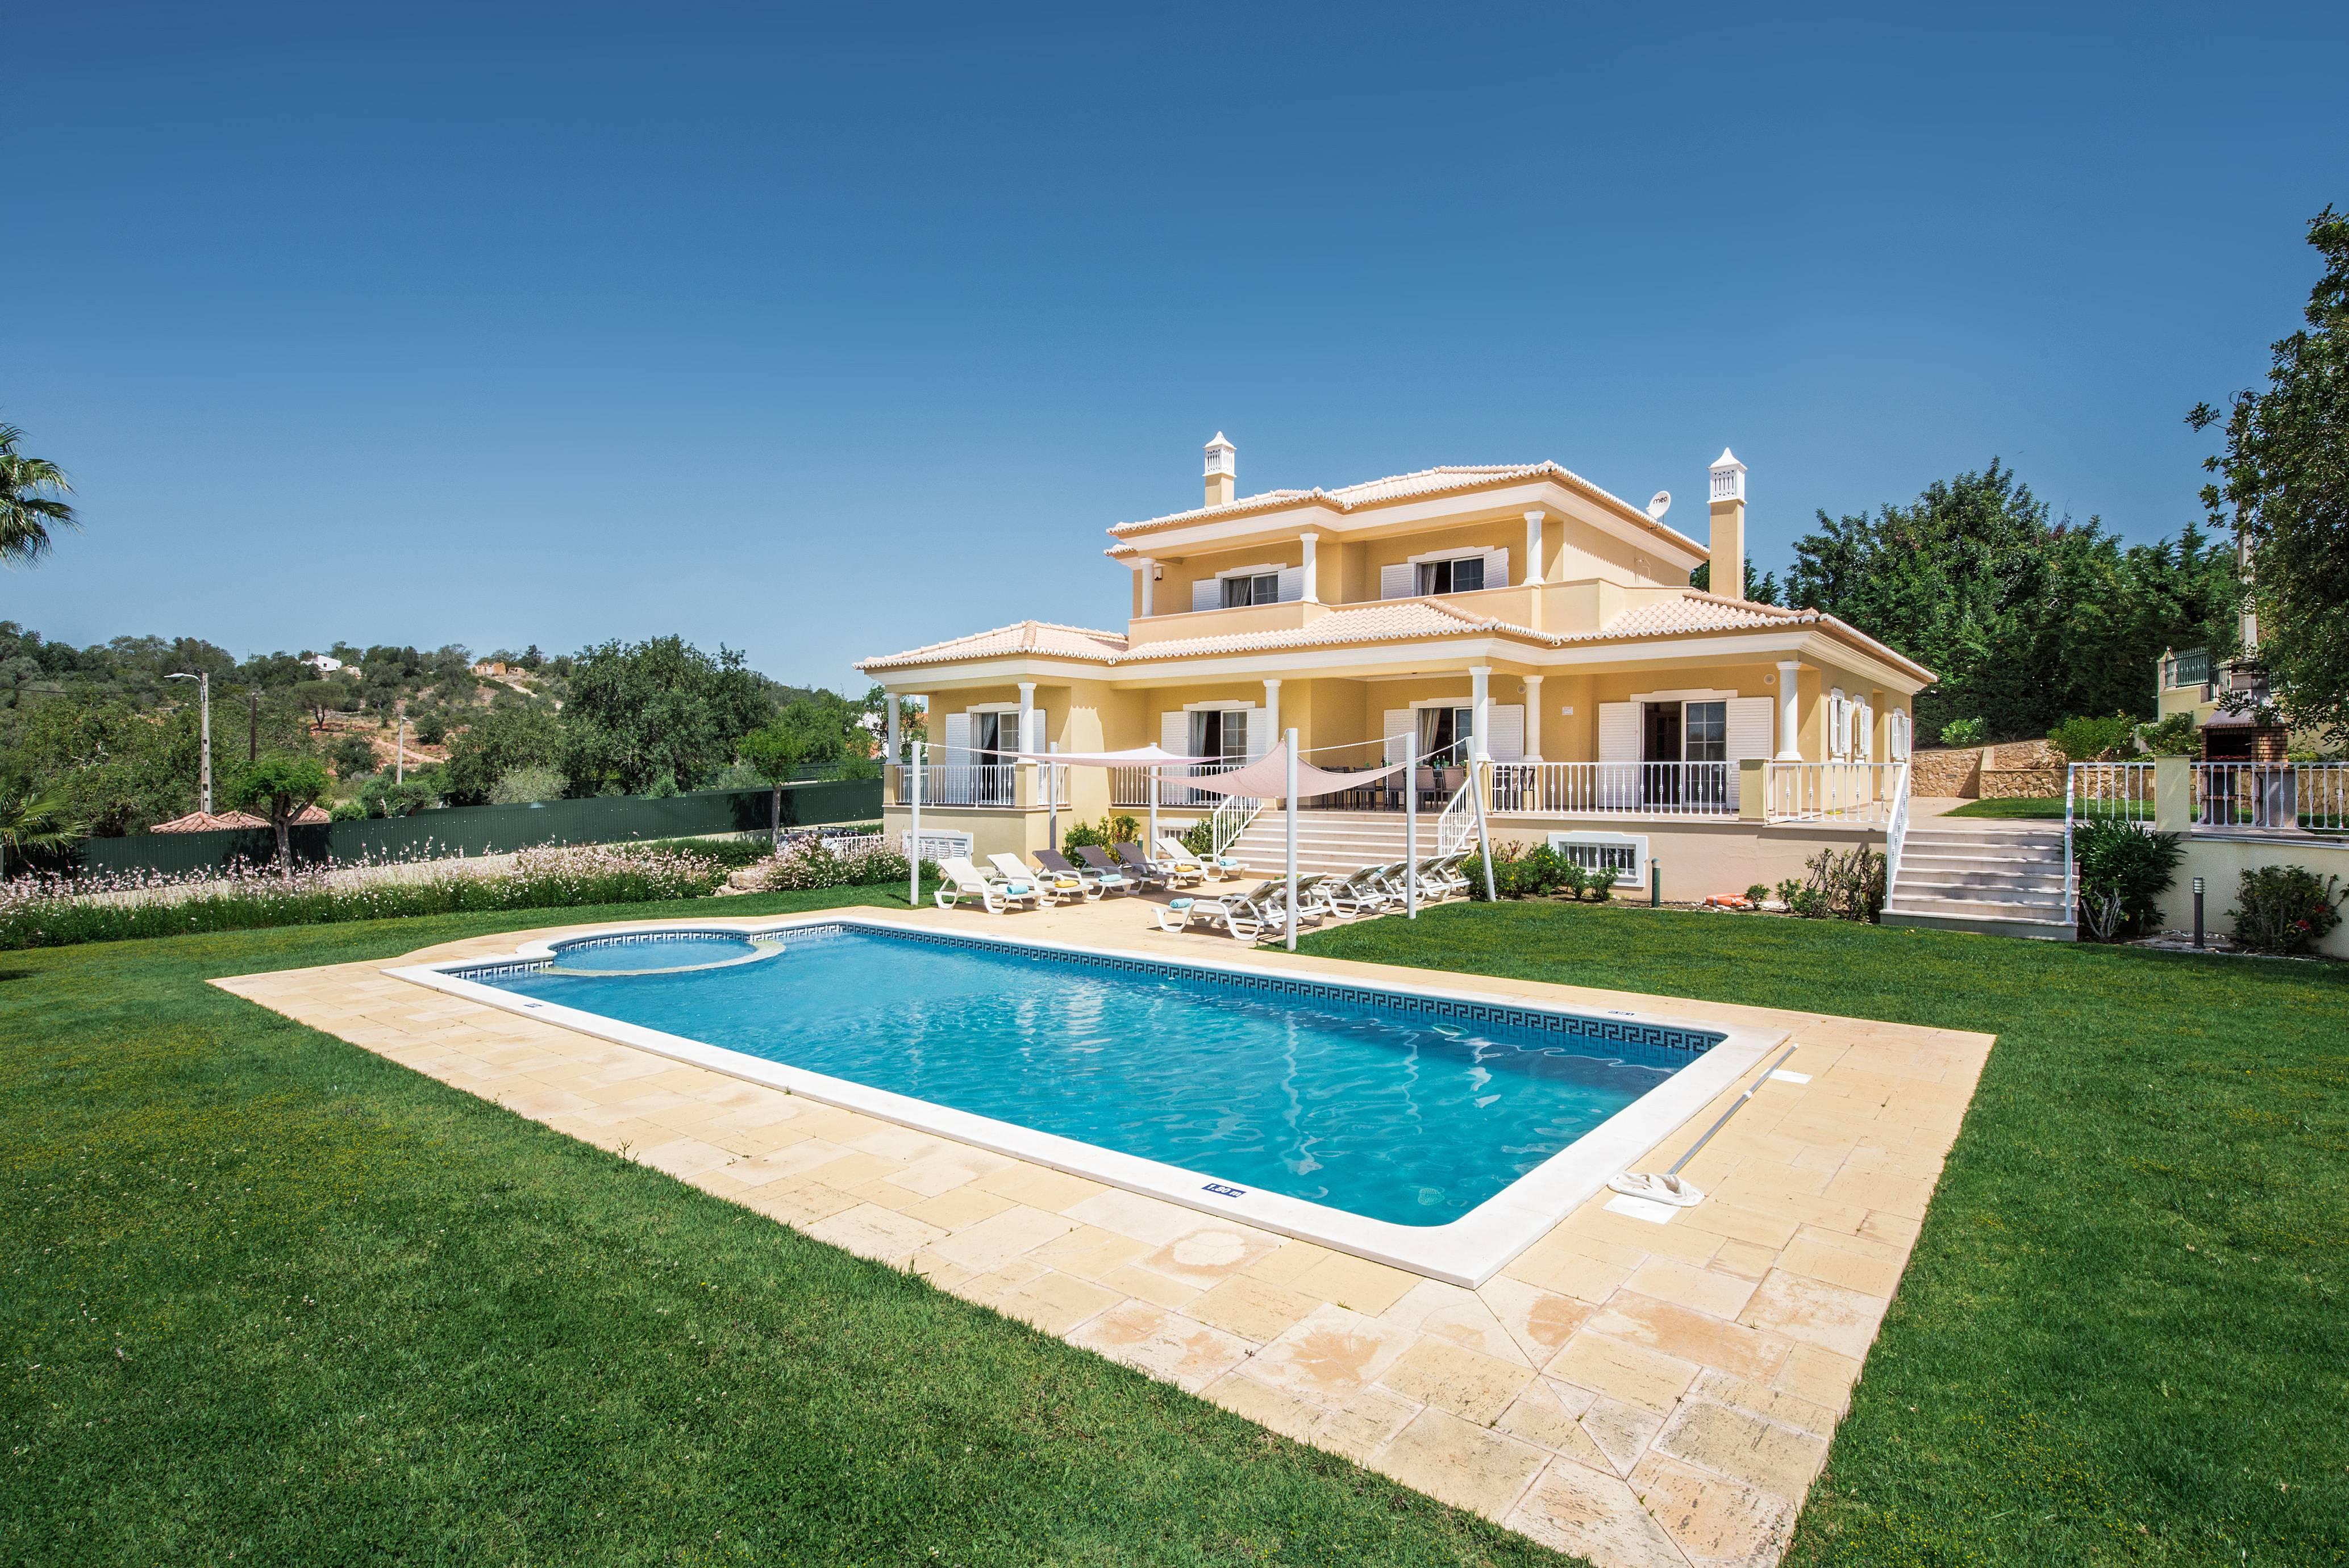 Piscine Hors Sol Portugal magnifique villa 6 suites+ wifi+piscine - albufeira (algarve